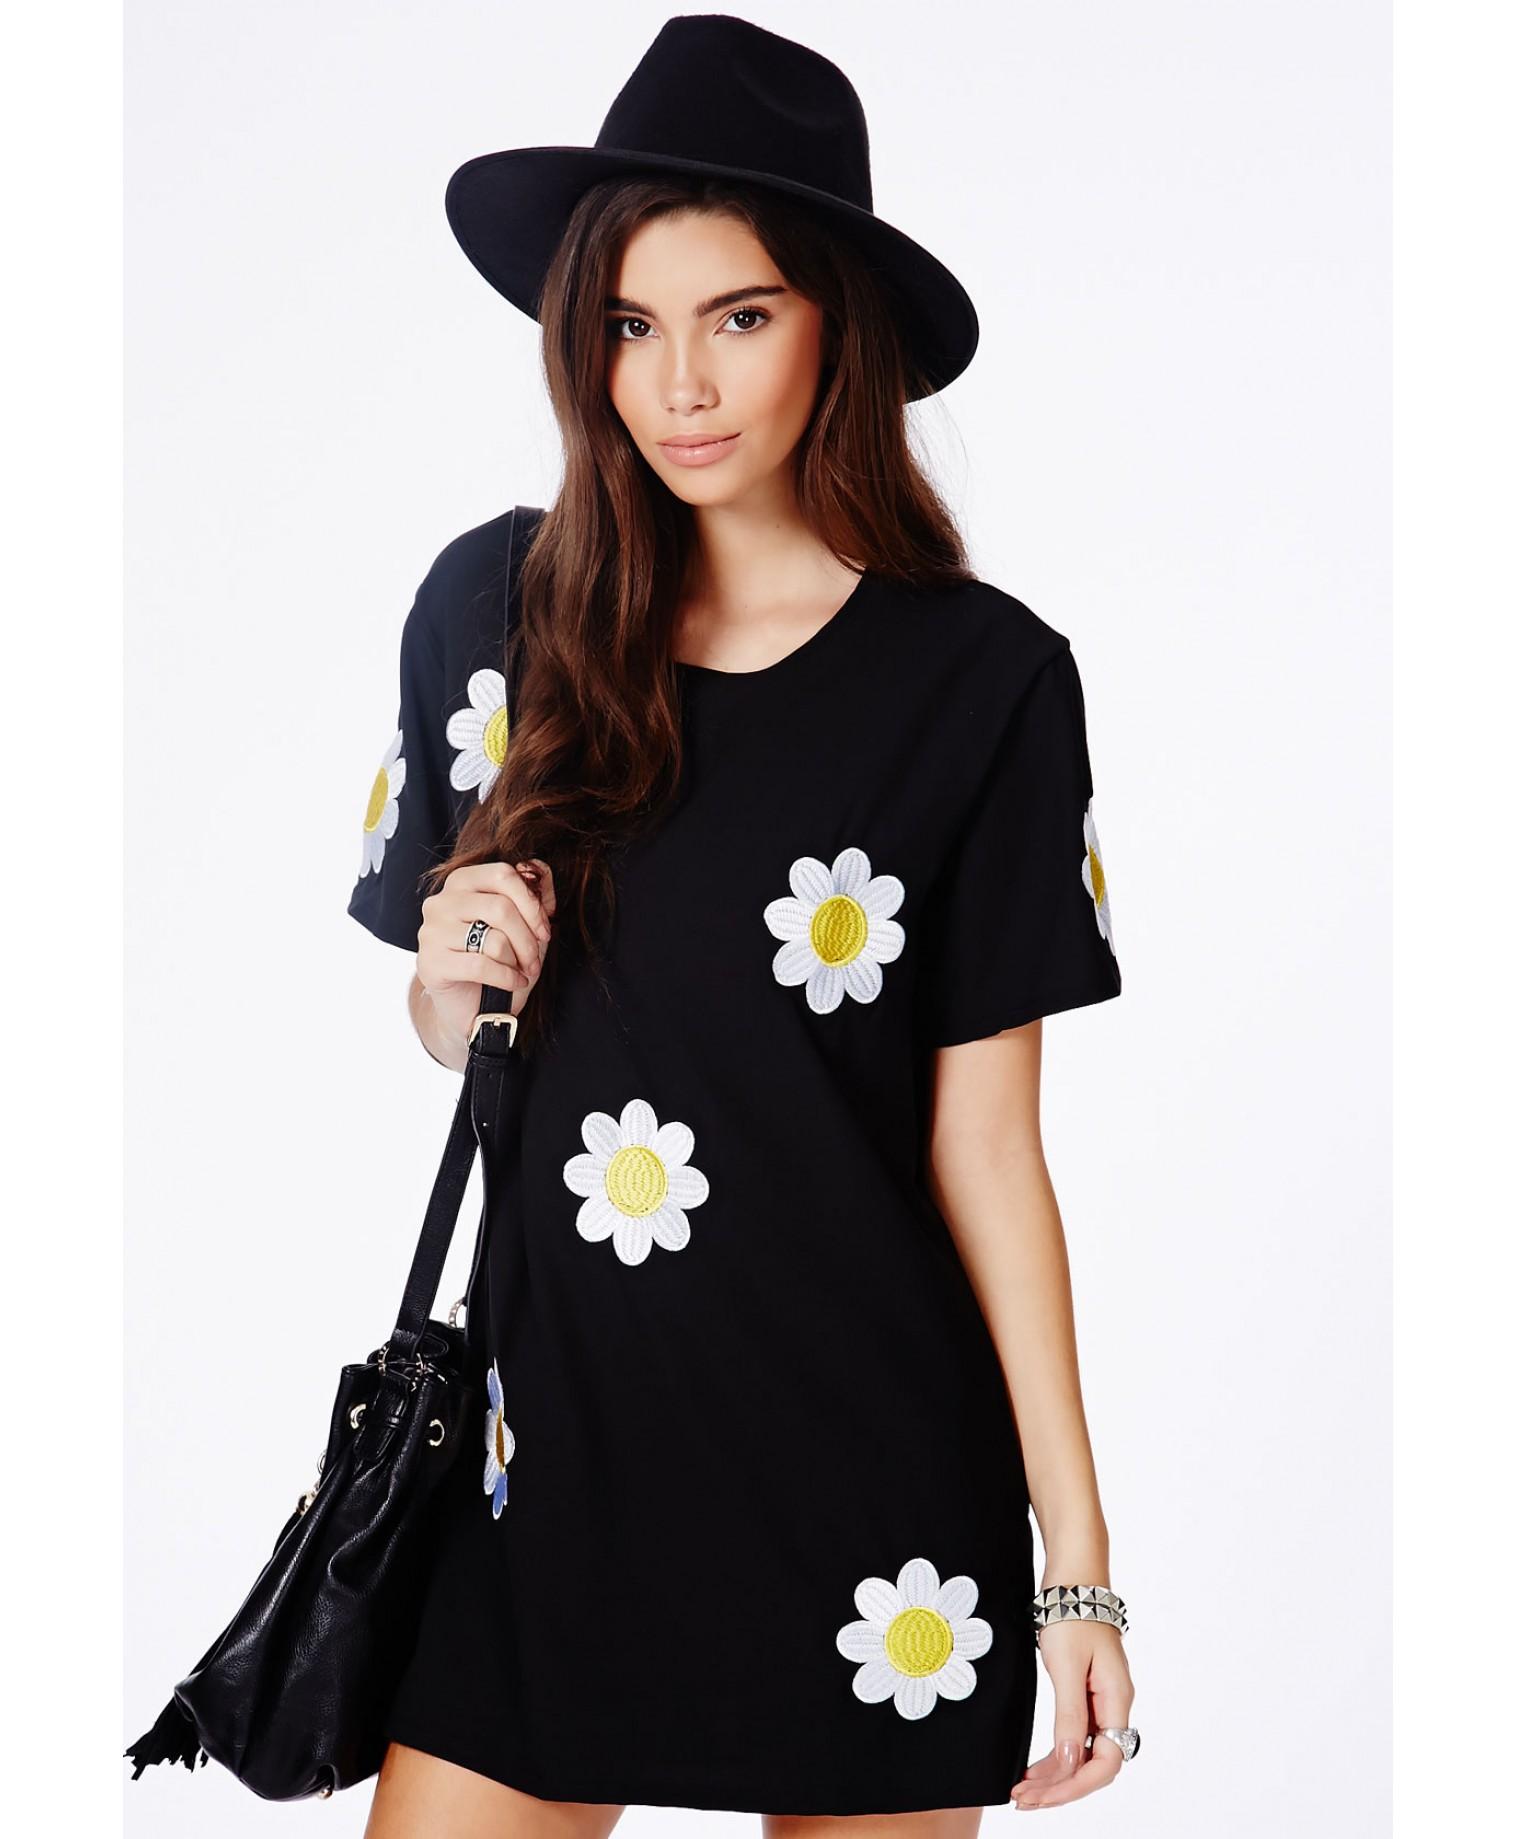 f3f13f3633 Calanta black oversized daisy shift dress 1